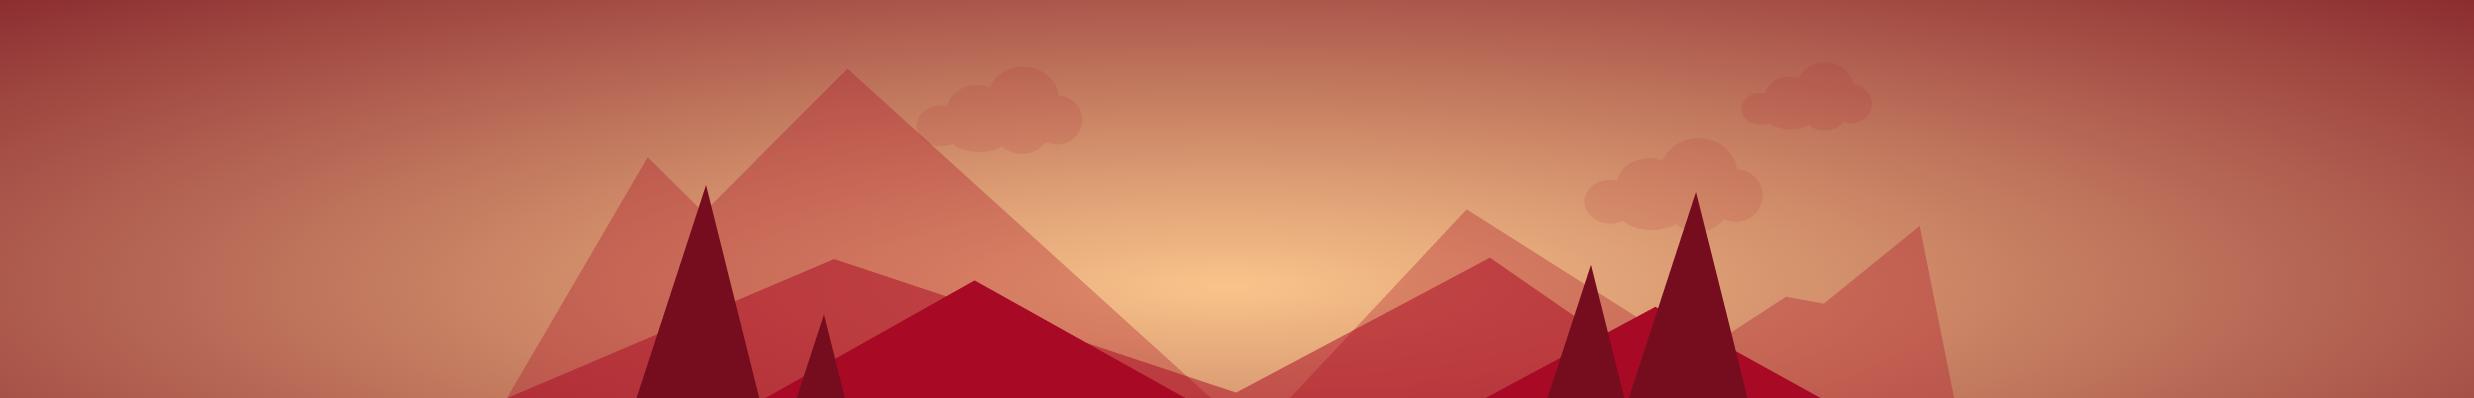 Webats - A blog about UX, Design and Development